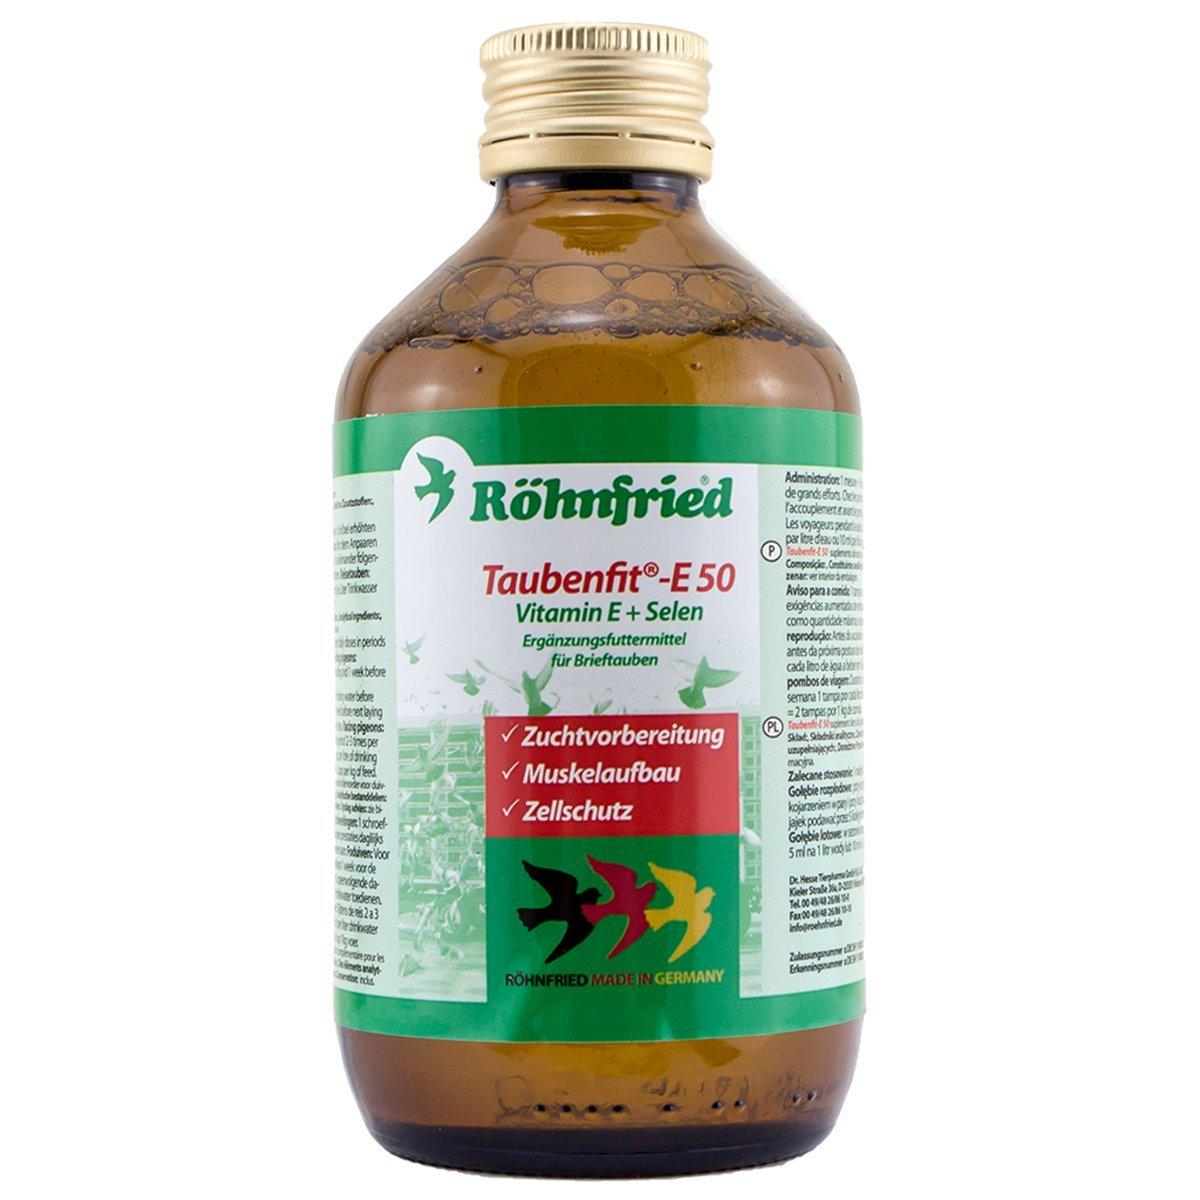 Röhnfried Taubenfit E-50 - macht jede Taube Fit auch Zuchttauben (250 ml)